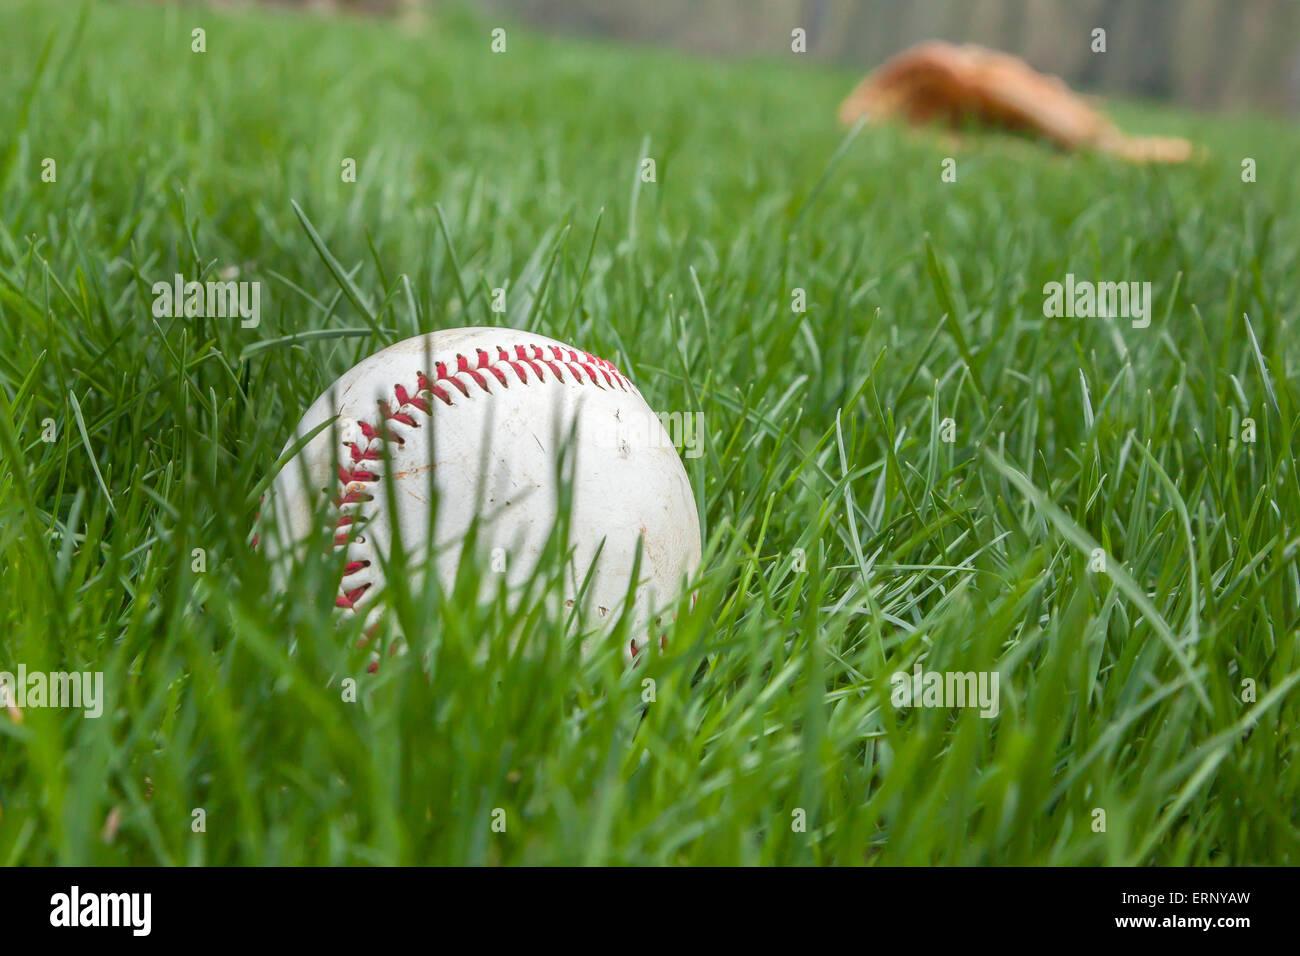 baseball-field-grass-background